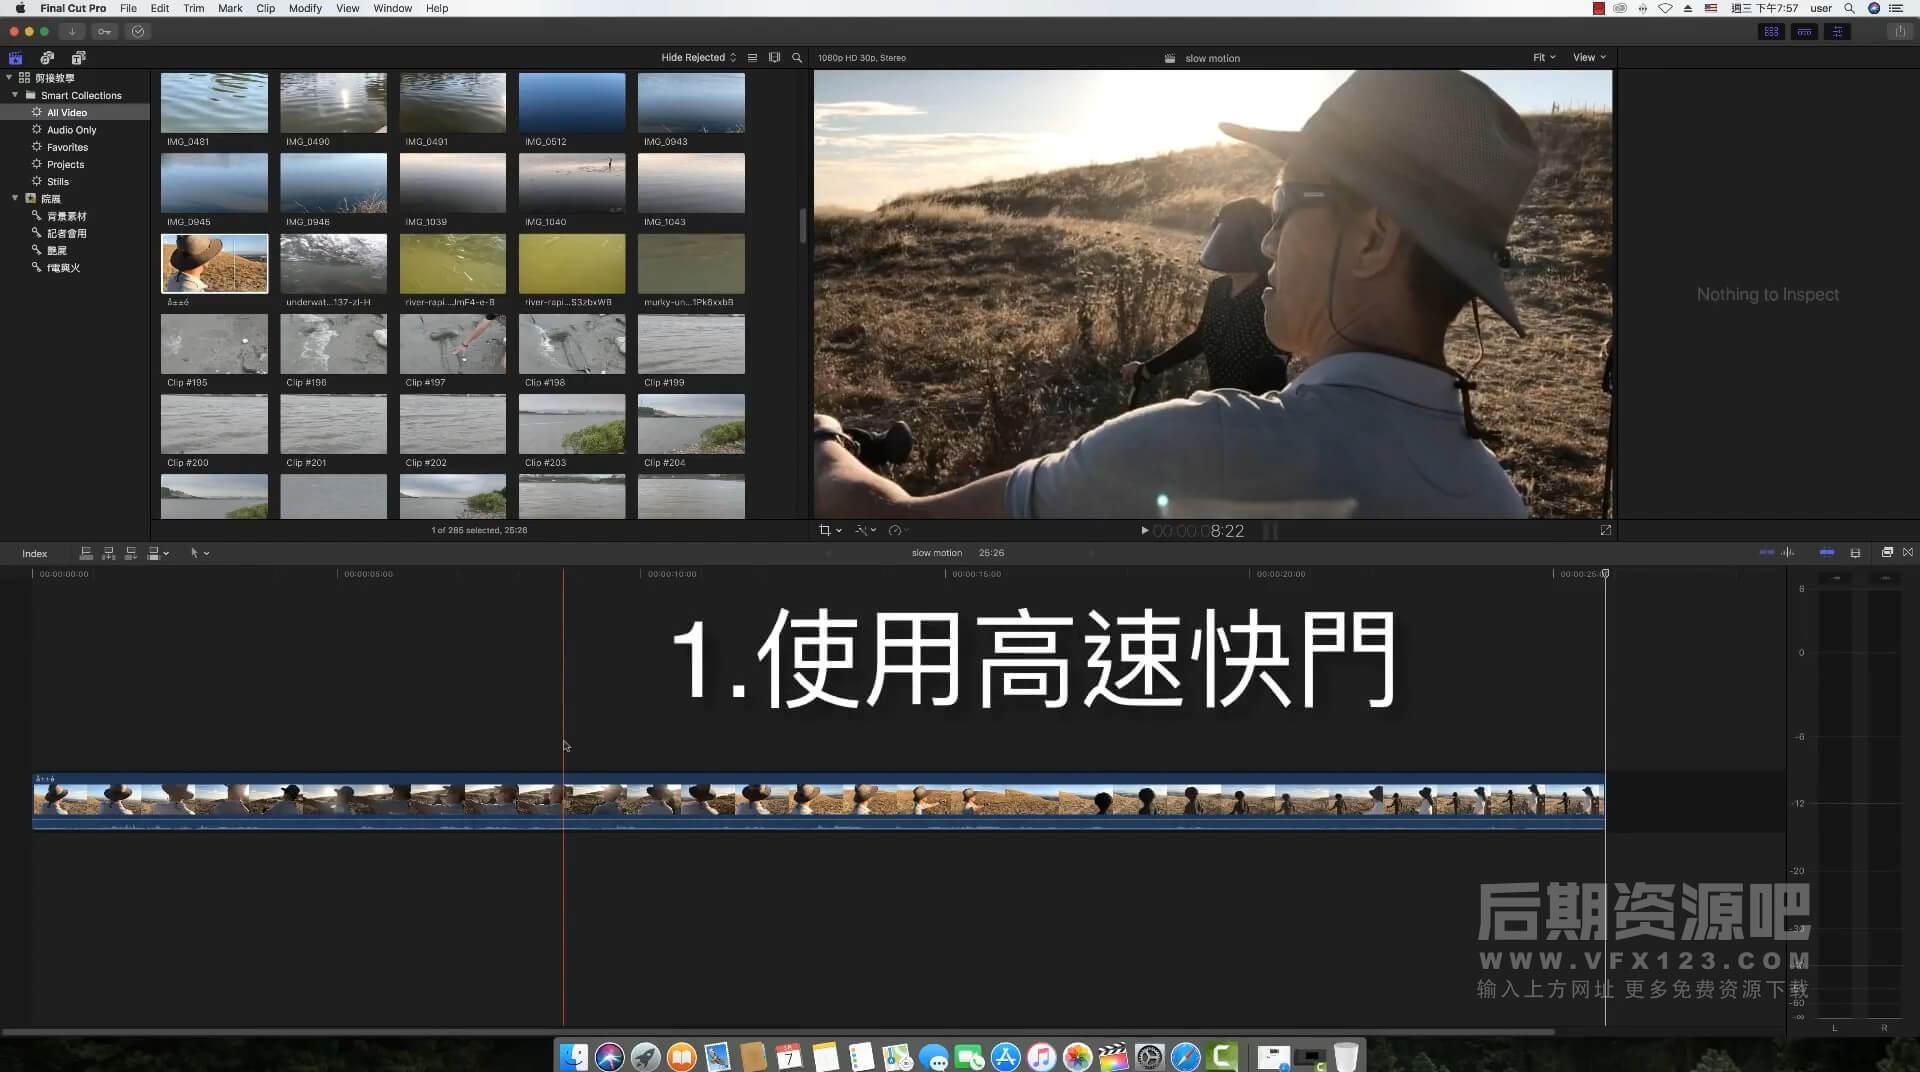 第59课: 在fcpx中如何制作慢放效果 影片变速教程